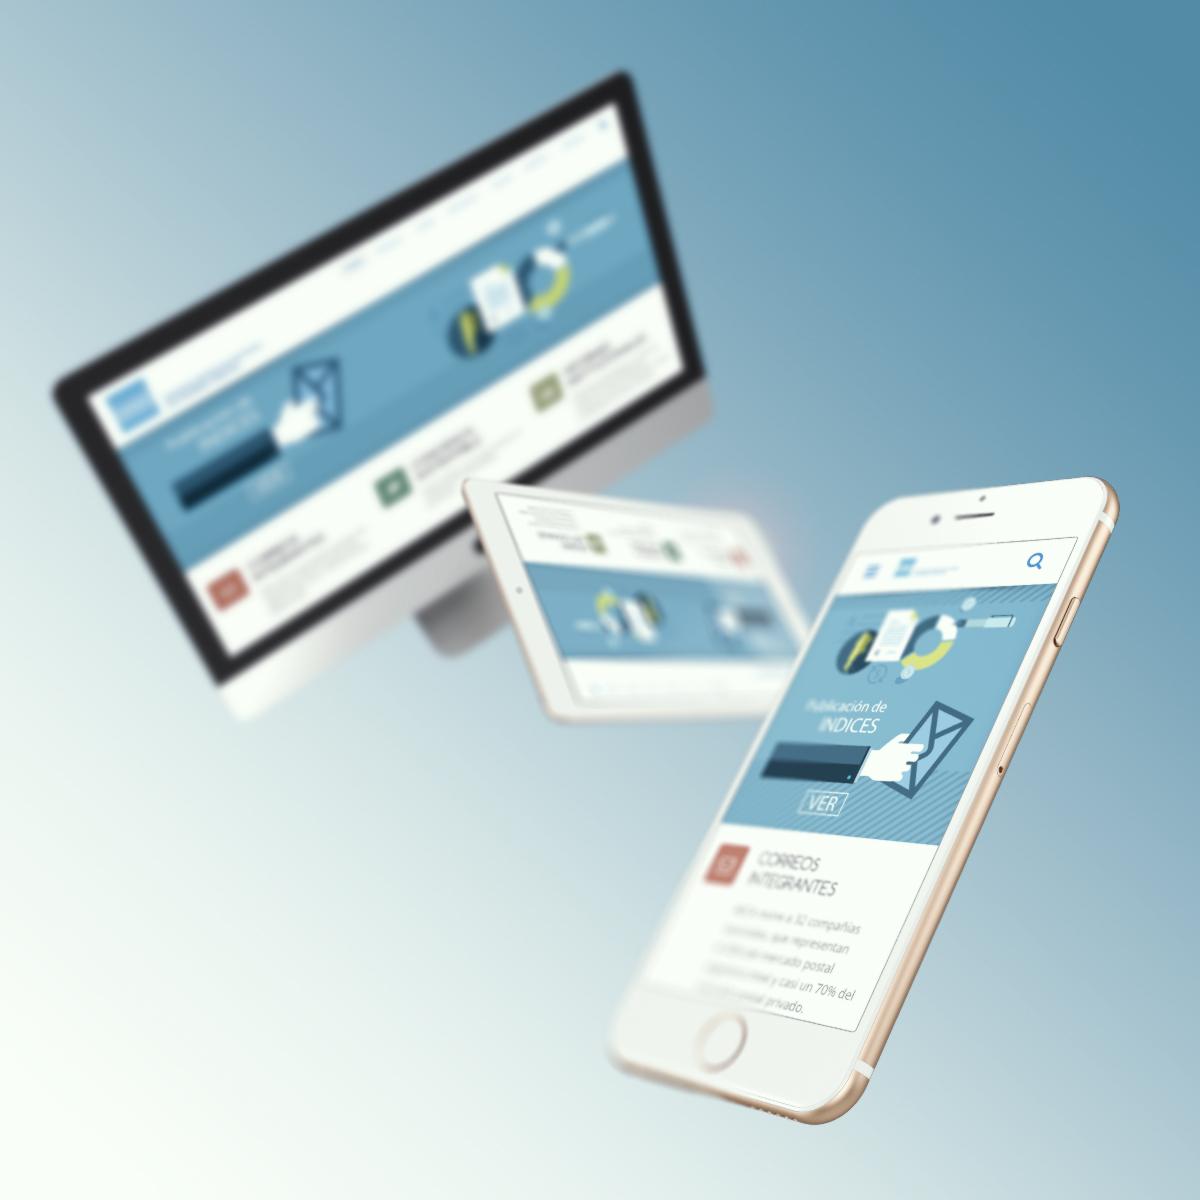 AECA - Asociación de Empresas de Correo de la República Argentina / Website